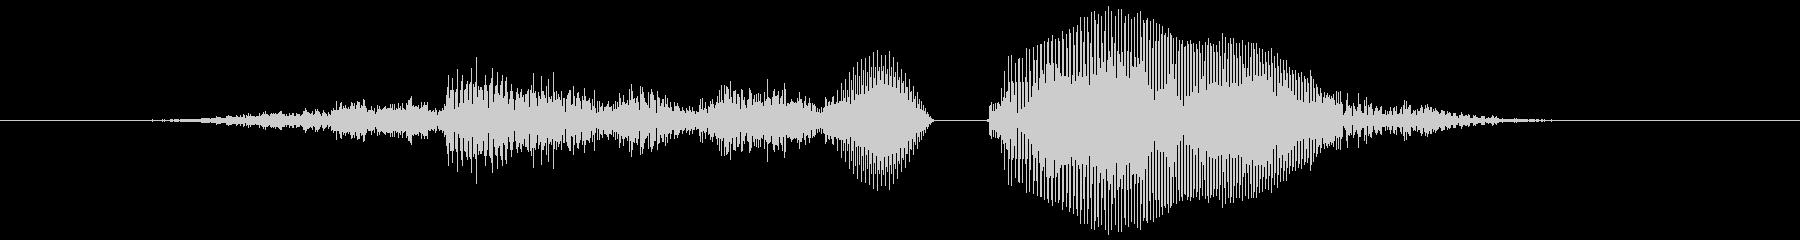 さすがぁ!【ロリキャラの褒めボイス】の未再生の波形